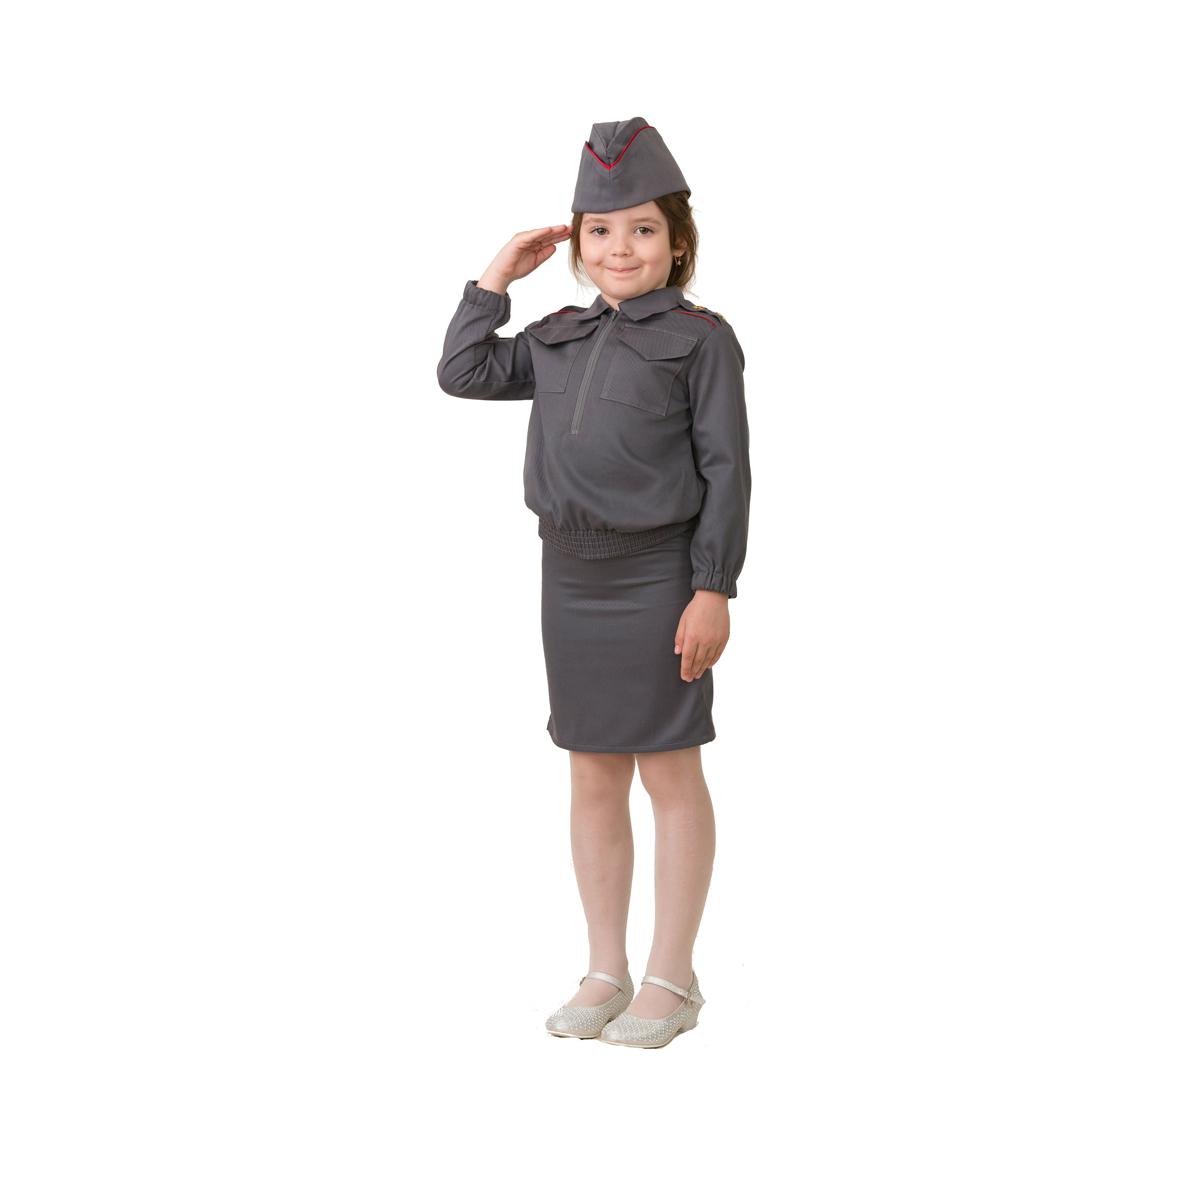 Батик Костюм карнавальный для девочки Полицейская размер 34 блендер vitek vt 3412 w